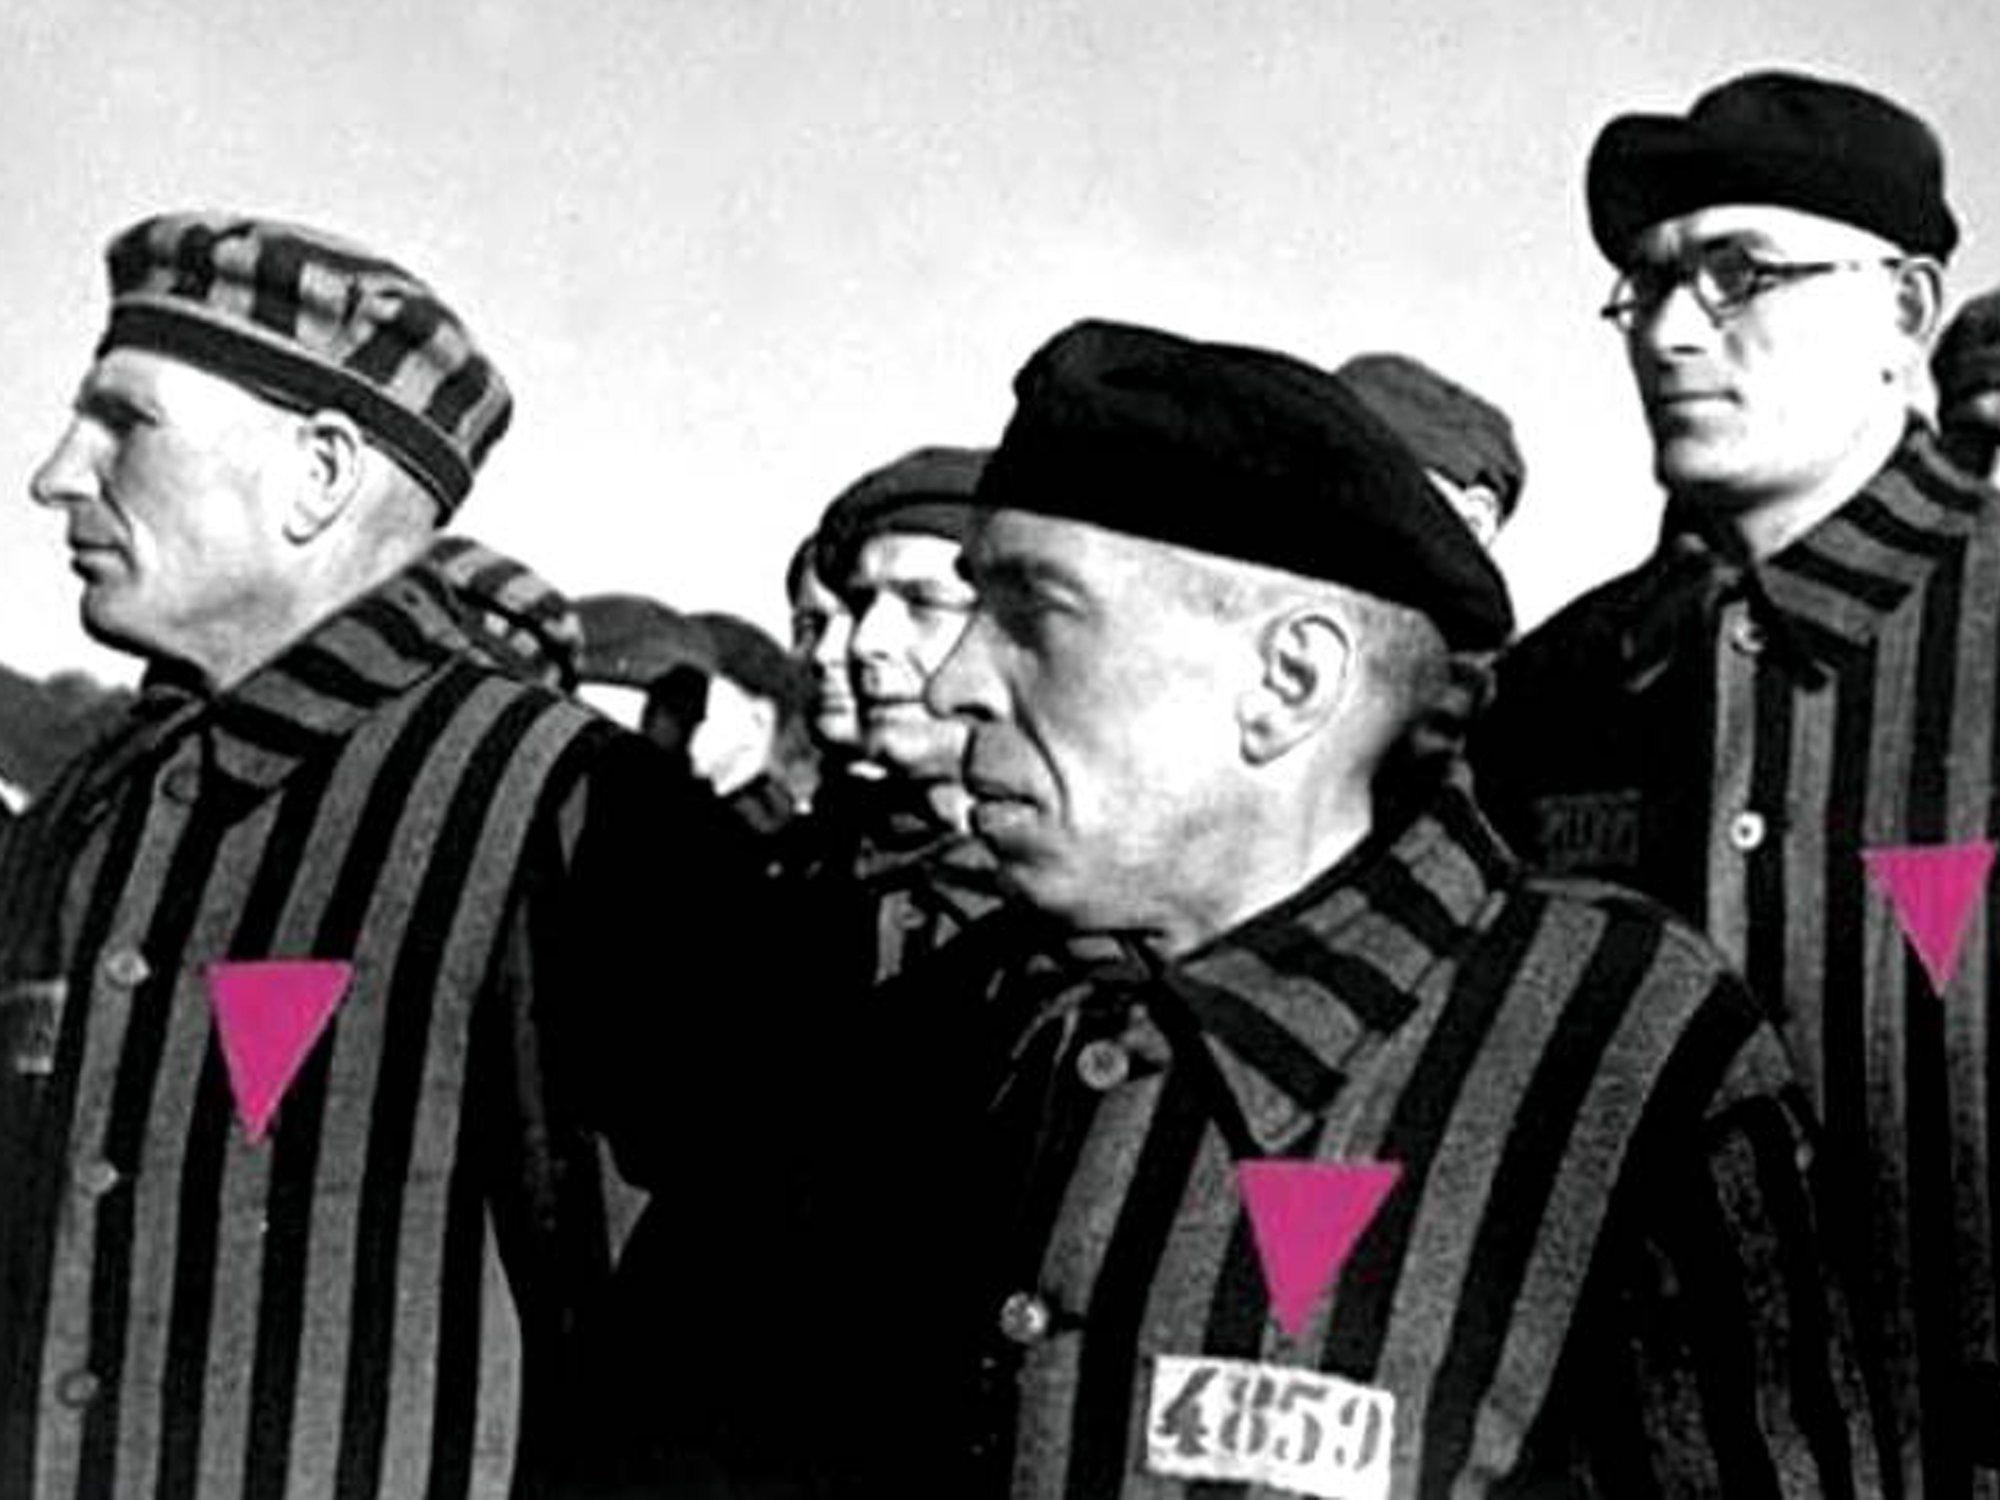 La realidad que VOX niega: más de 100.000 homosexuales fueron represaliados  por el nazismo - Los Replicantes